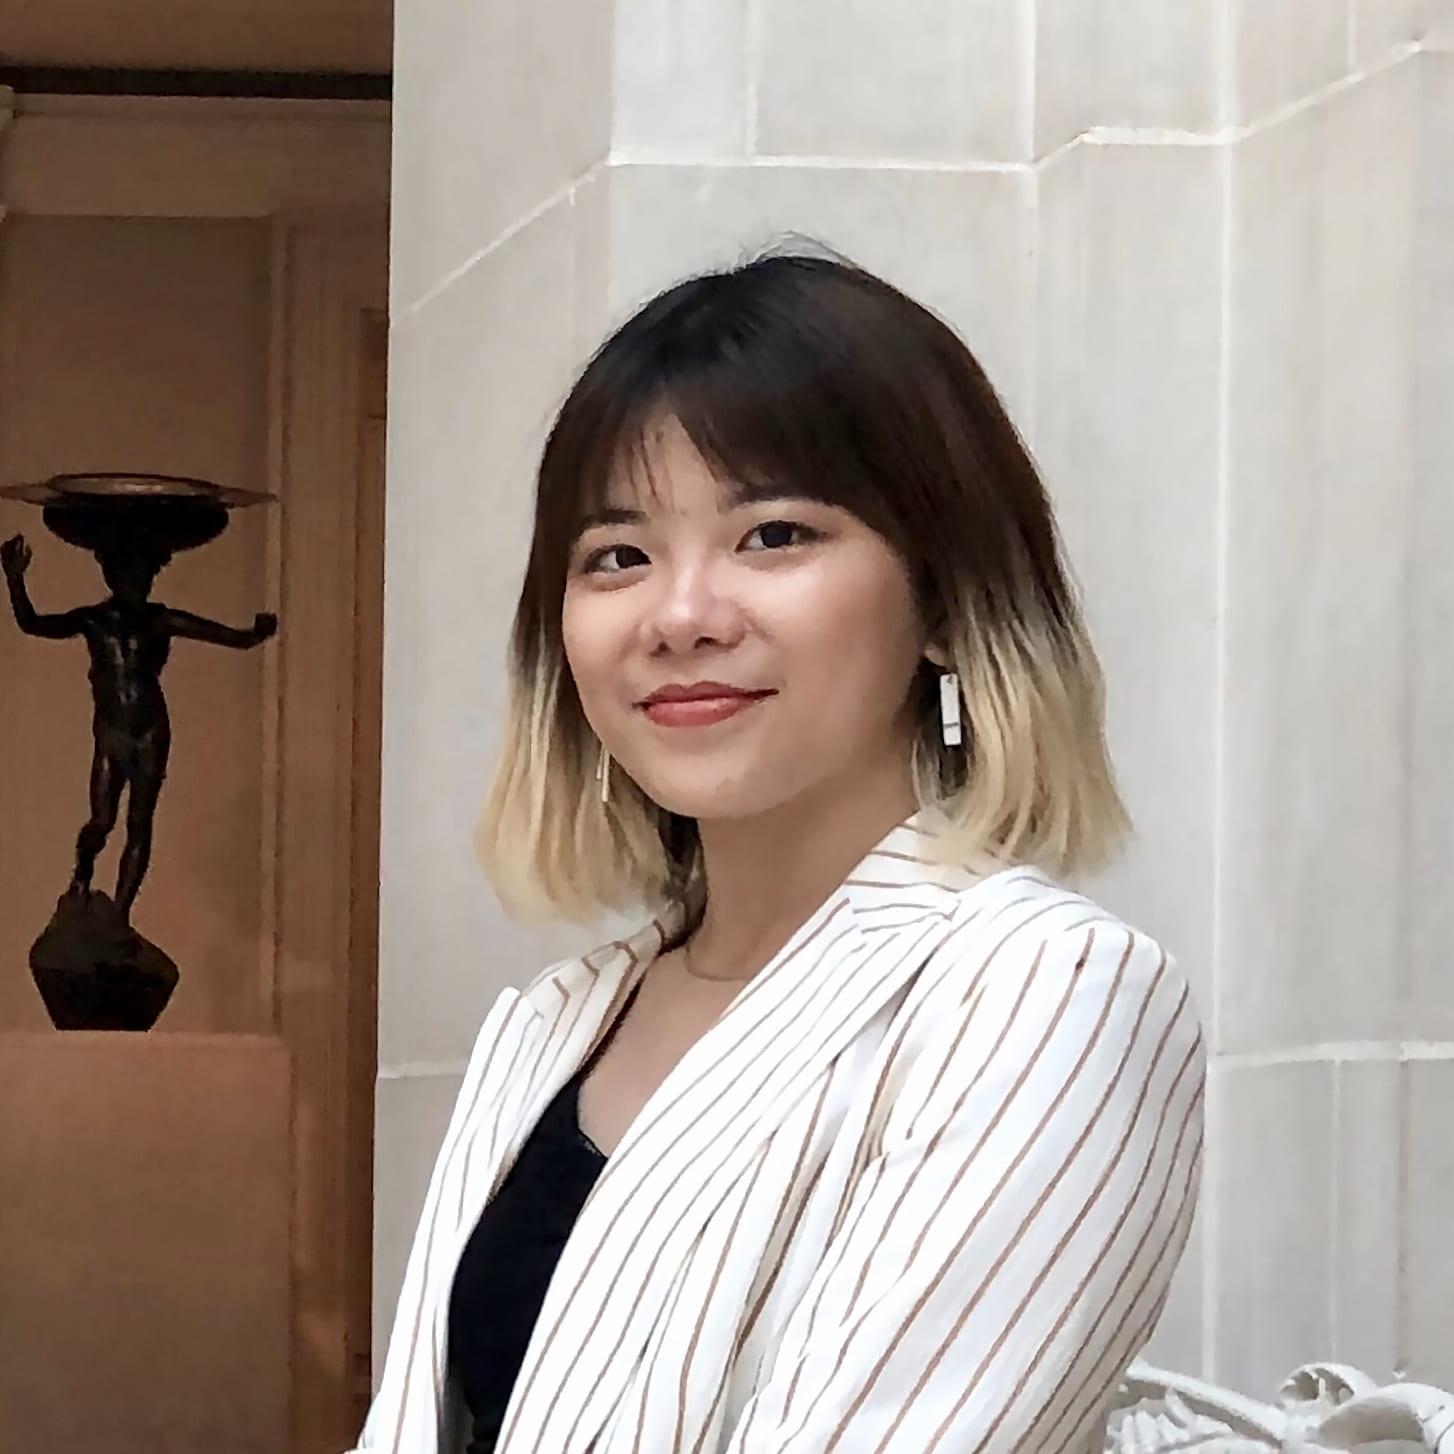 Shuyu Wang